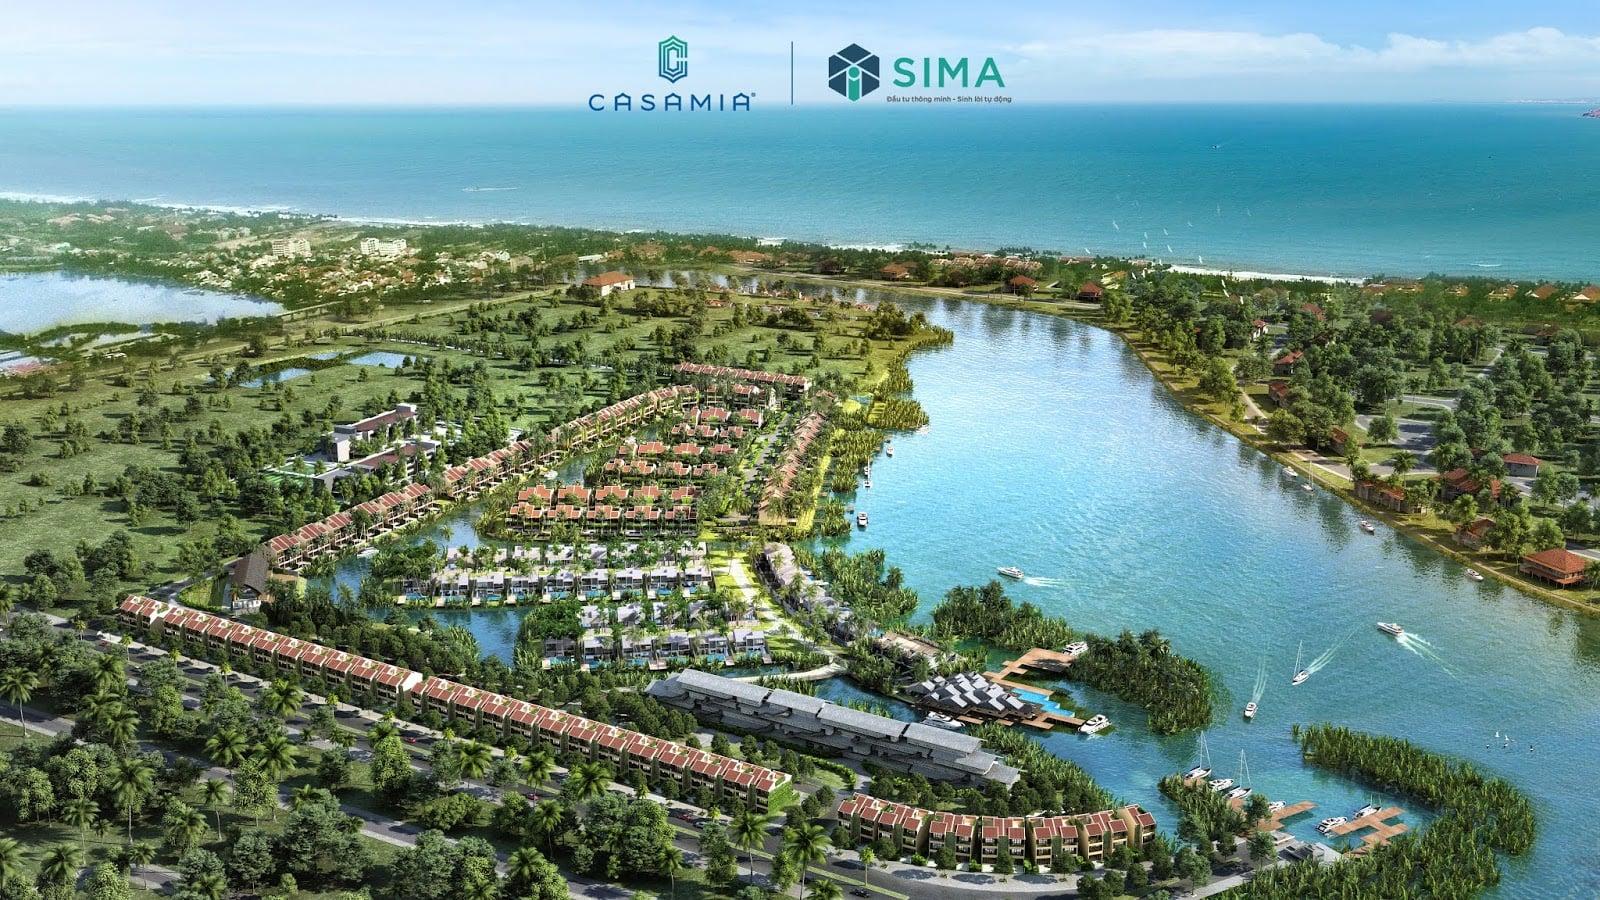 Phối cảnh dự án biệt thự Casamia Hội An tỉnh Đà Nẵng